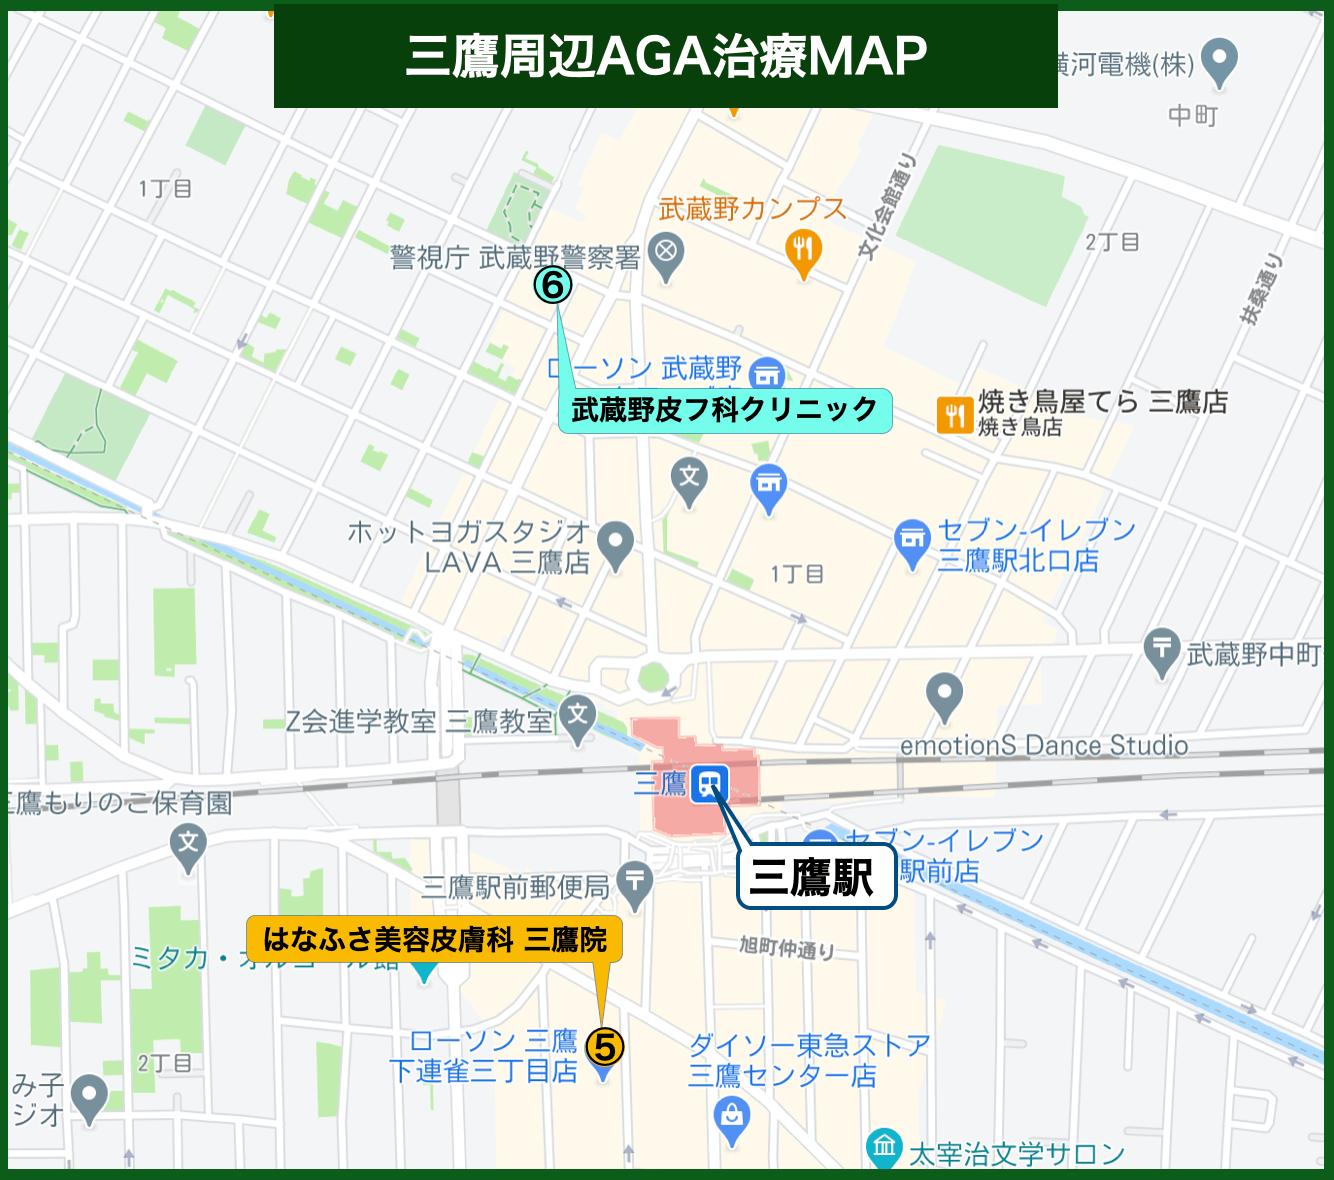 三鷹周辺AGA治療MAP